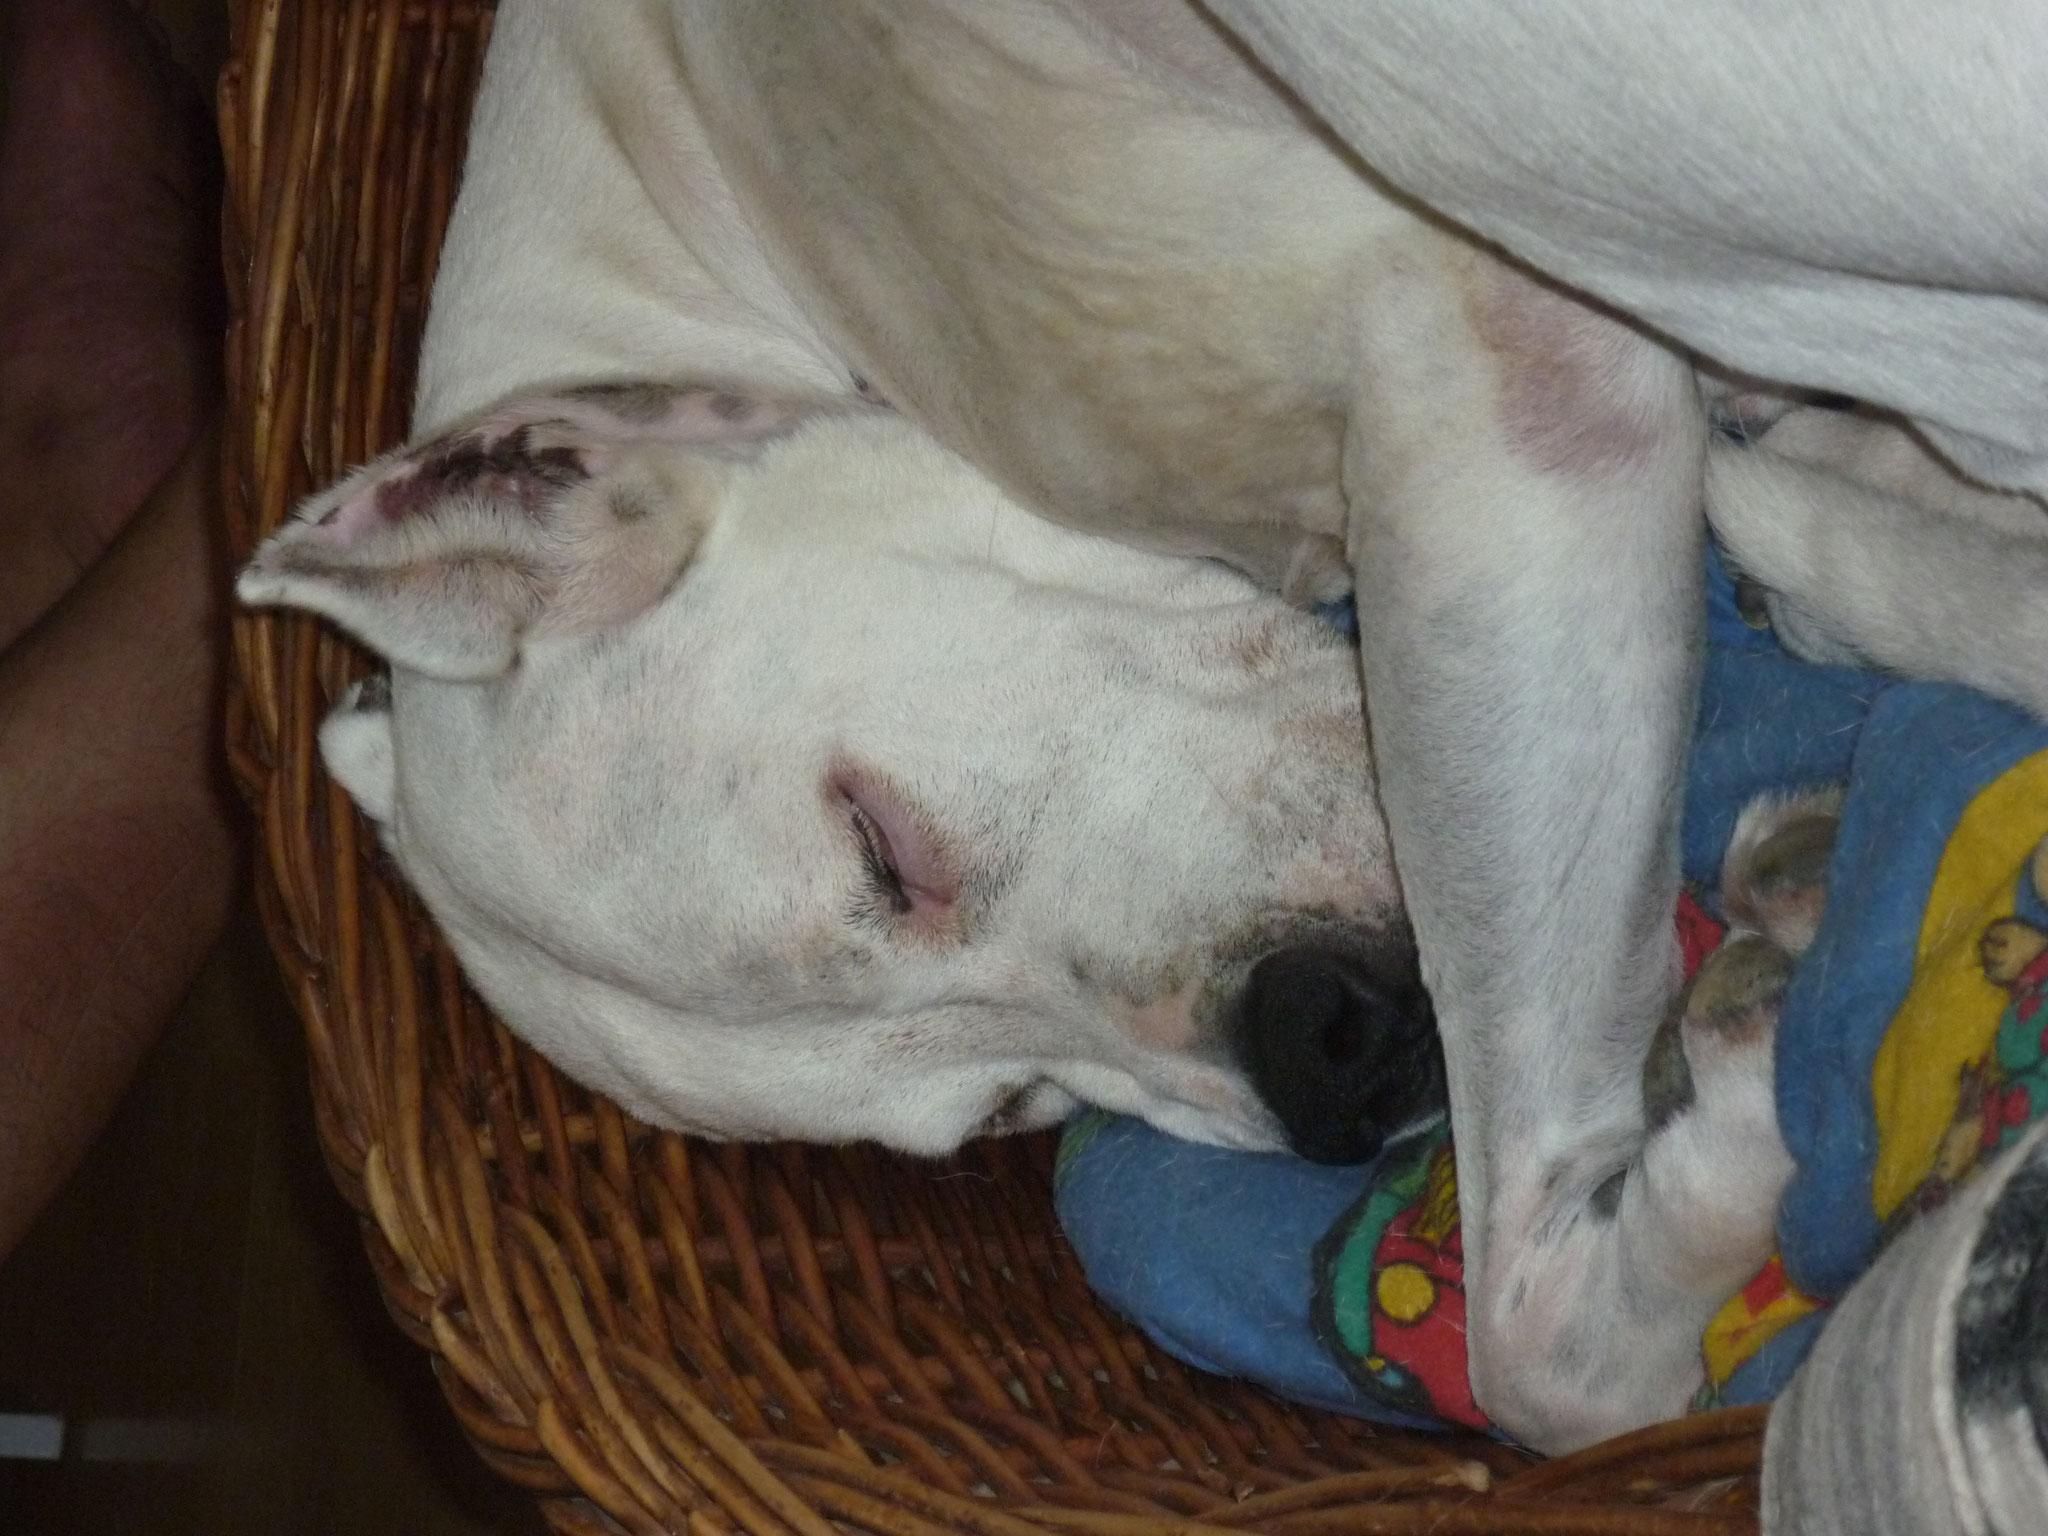 Dogo Argentino - Ohren kupiert aus dem Tierheim